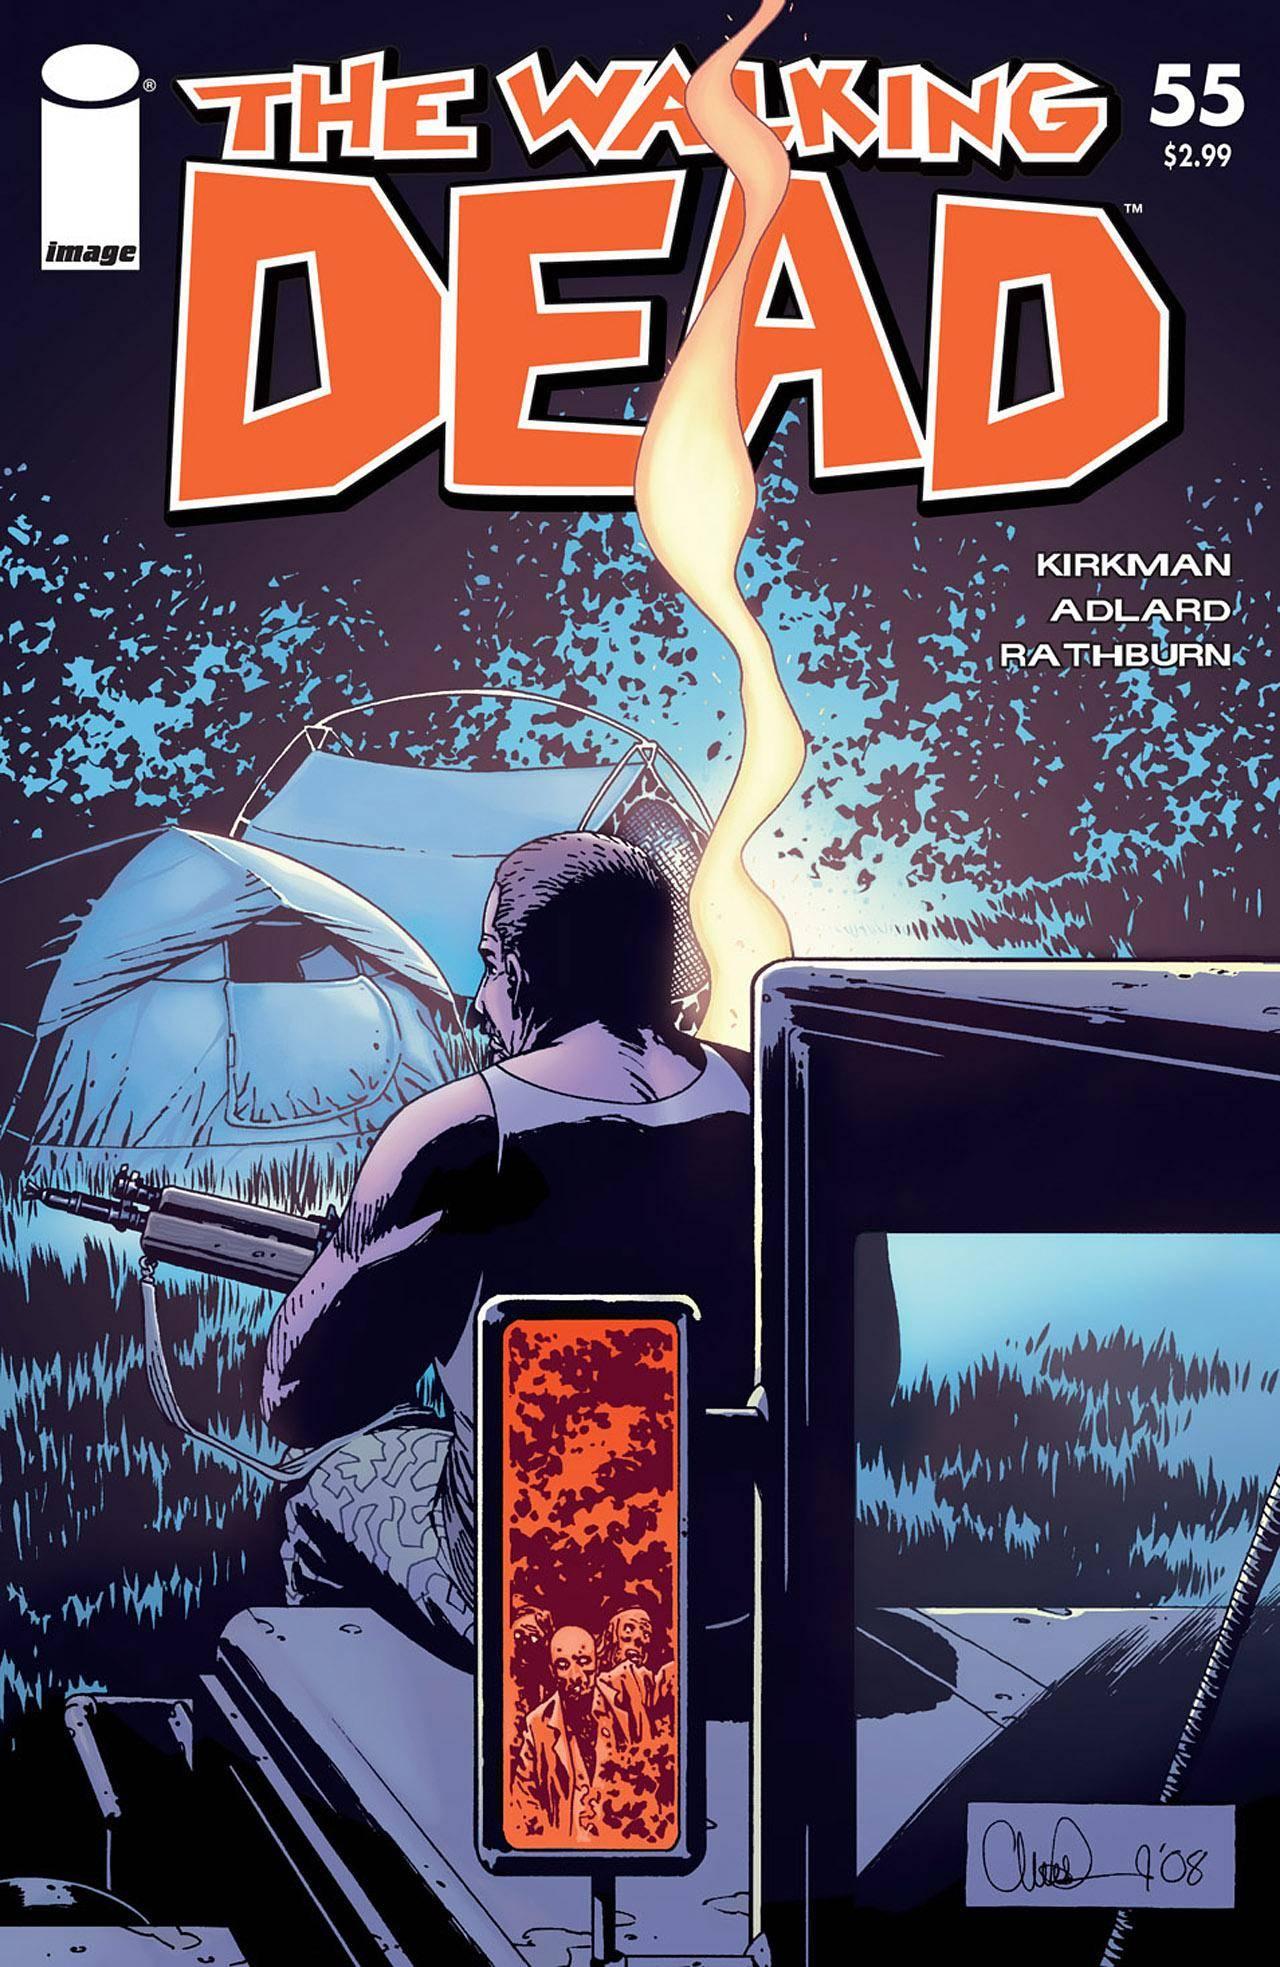 Walking Dead 055 2008 digital